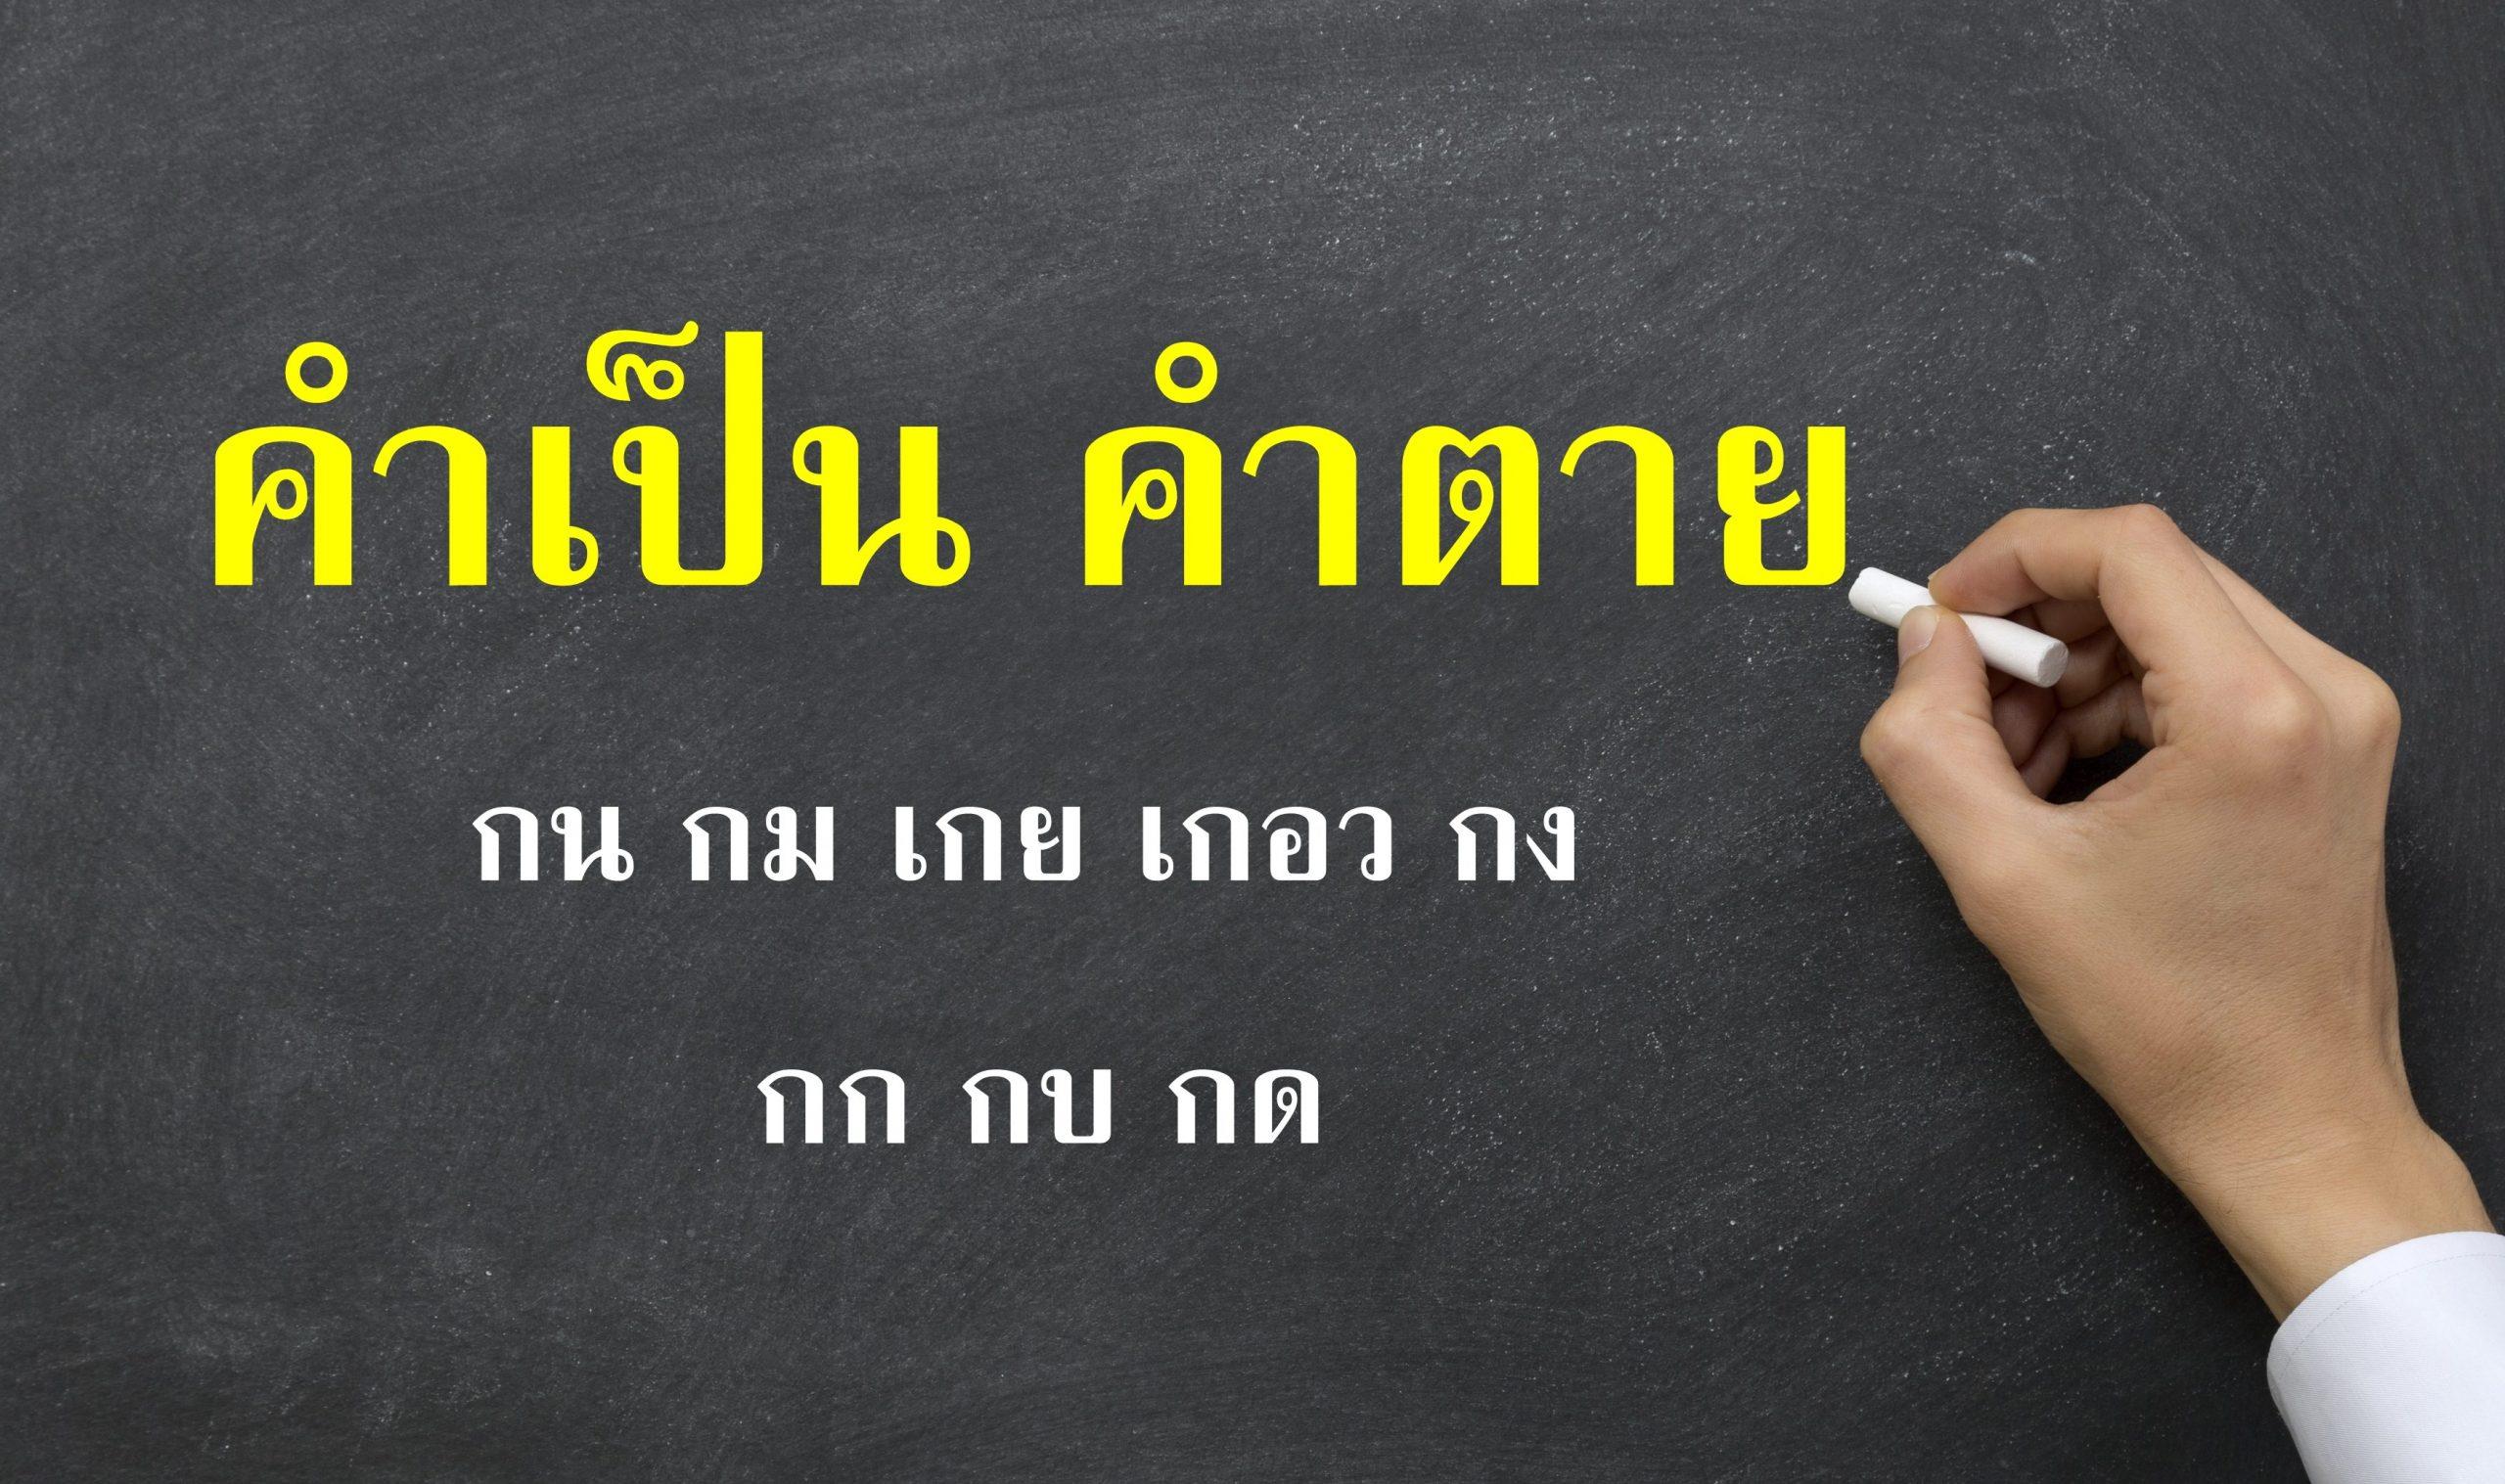 การบ้าน คำเป็น คำตาย คำเป็น คำตาย คือ ภาษาไทย วิธีจำคำเป็น คำตาย หลักภาษาไทย